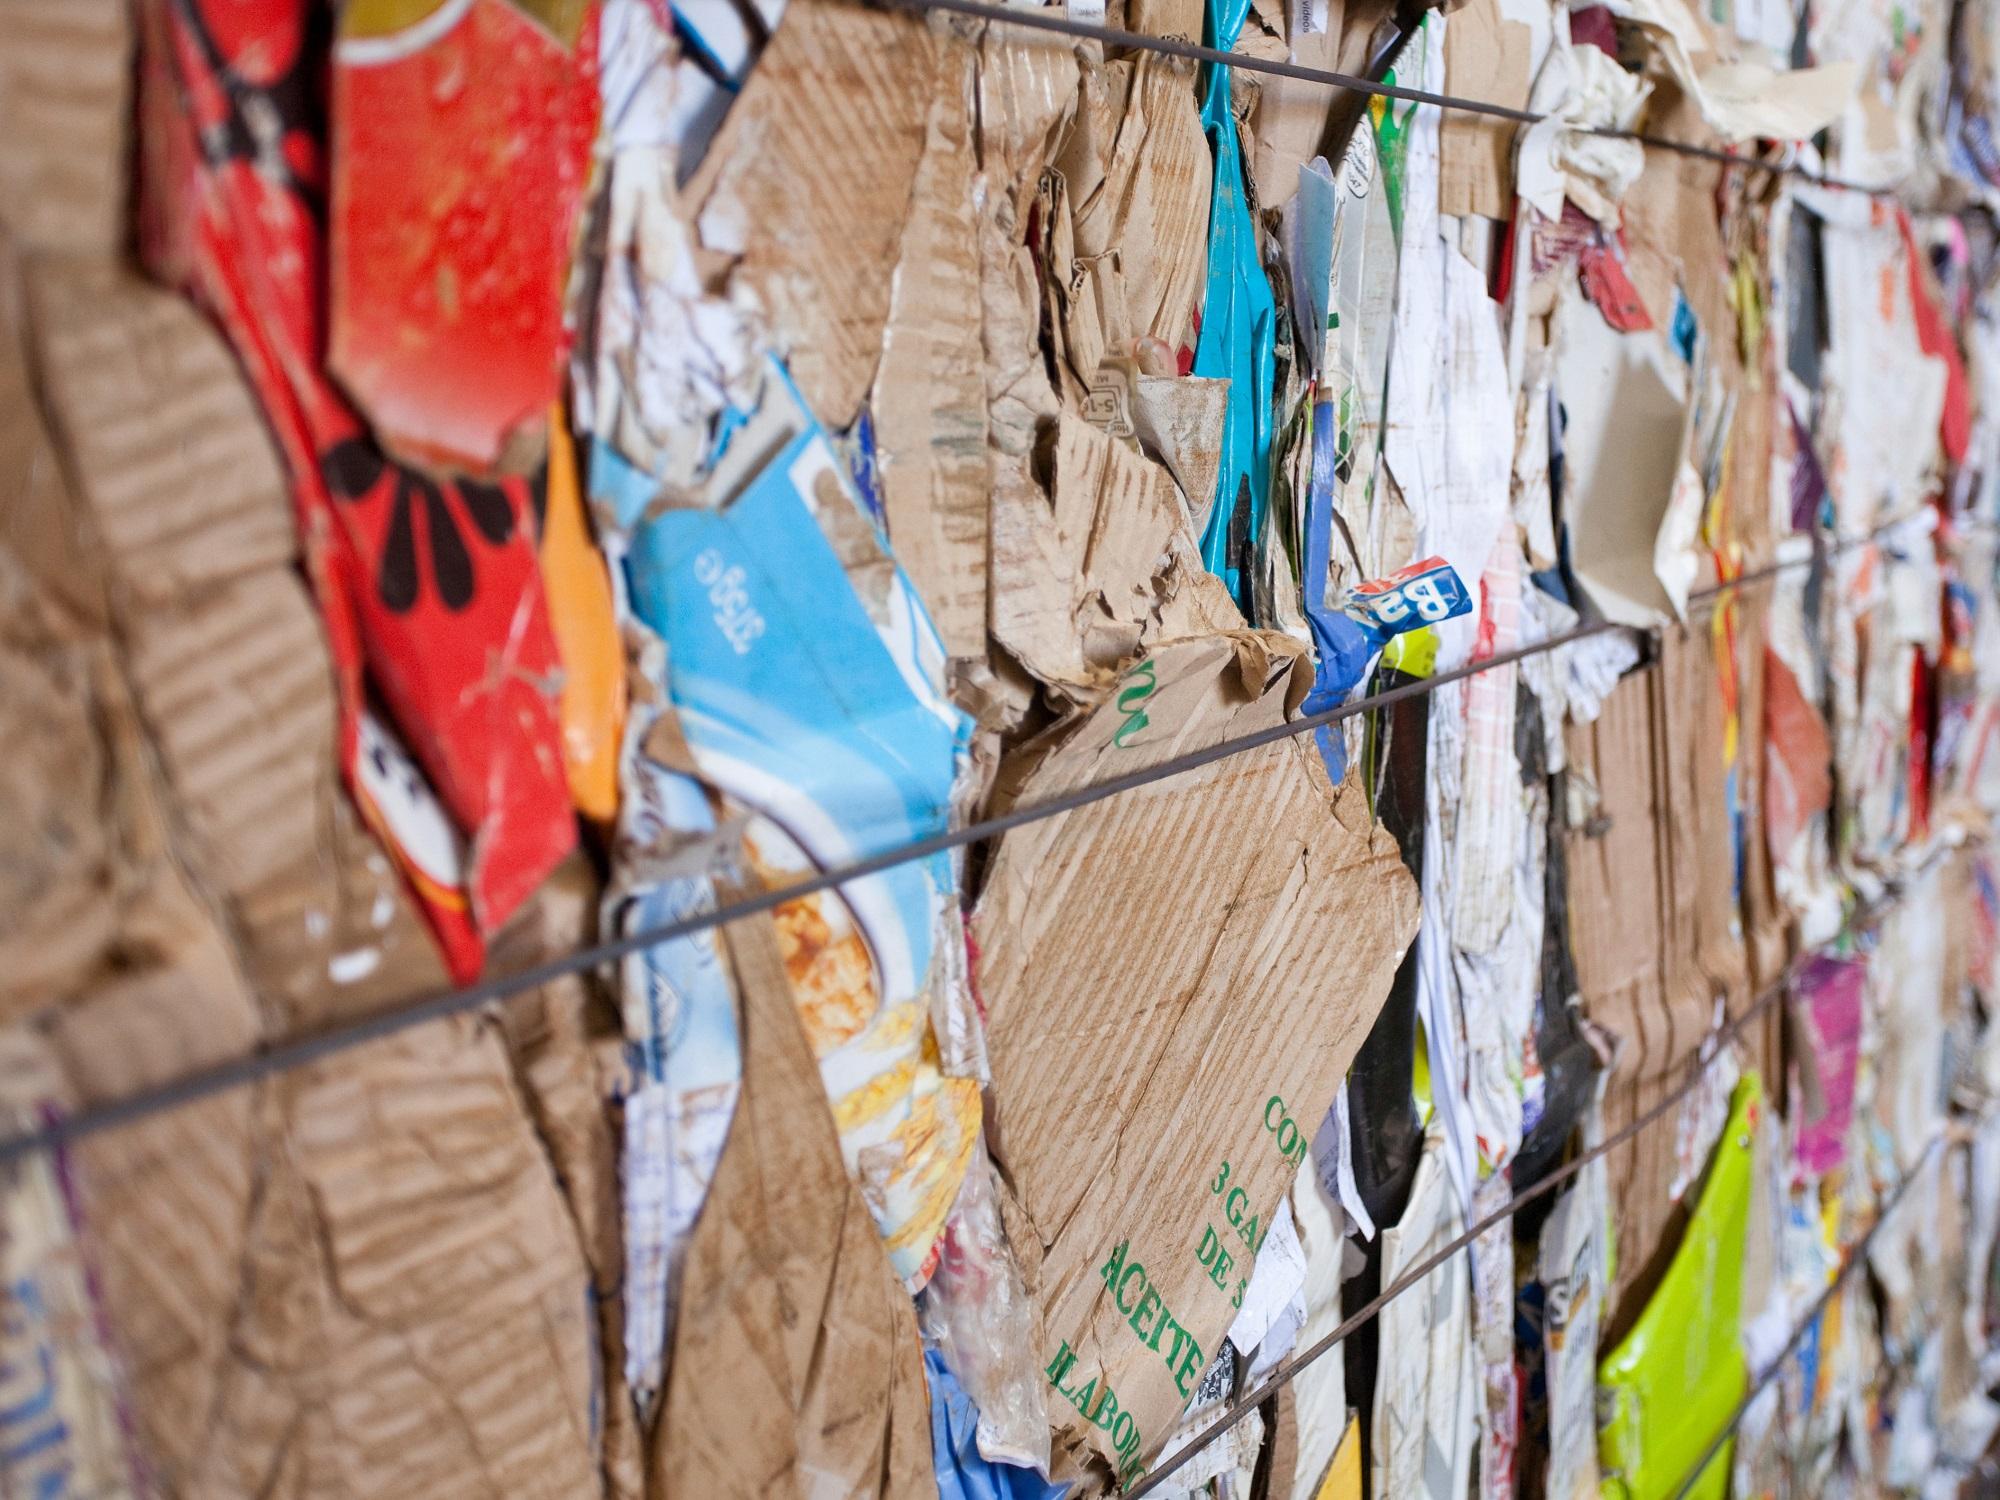 Acteco Algeciras - Gestión de residuos en Algeciras (Cádiz)